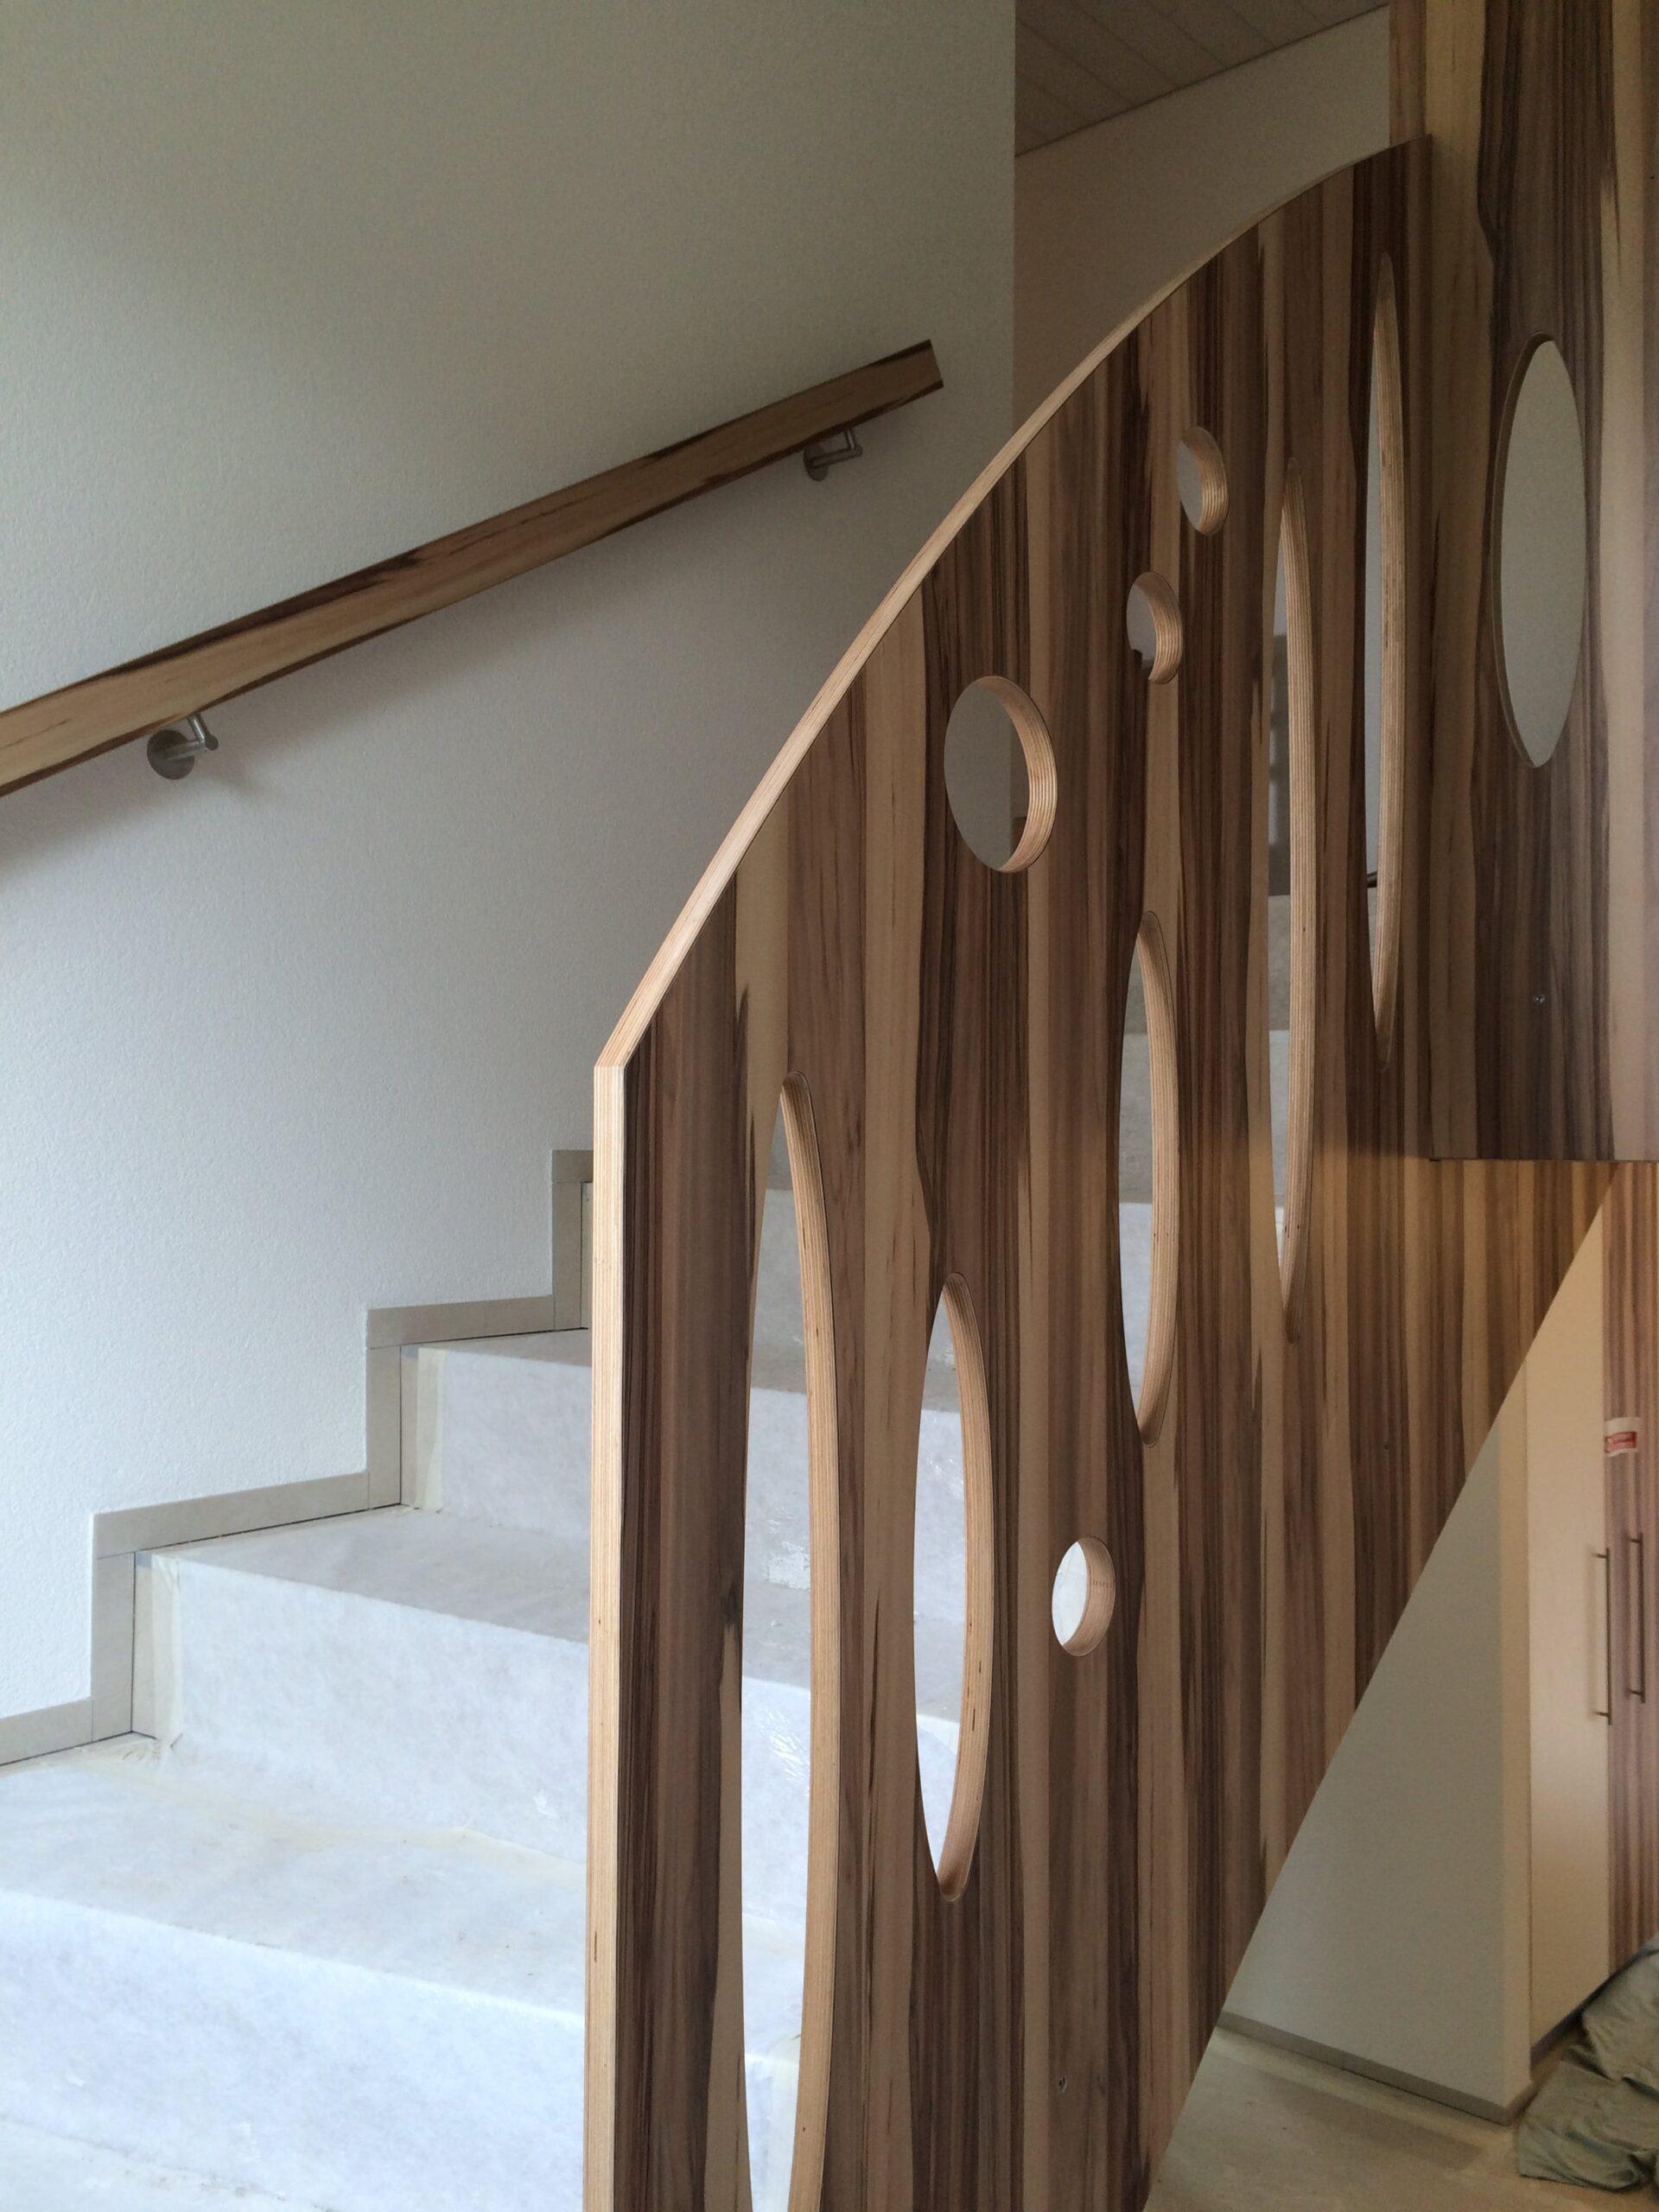 Wooddesign_Treppen_Teppengeländer__Treppenverkleidung_ovale runde Löcher (2)-min